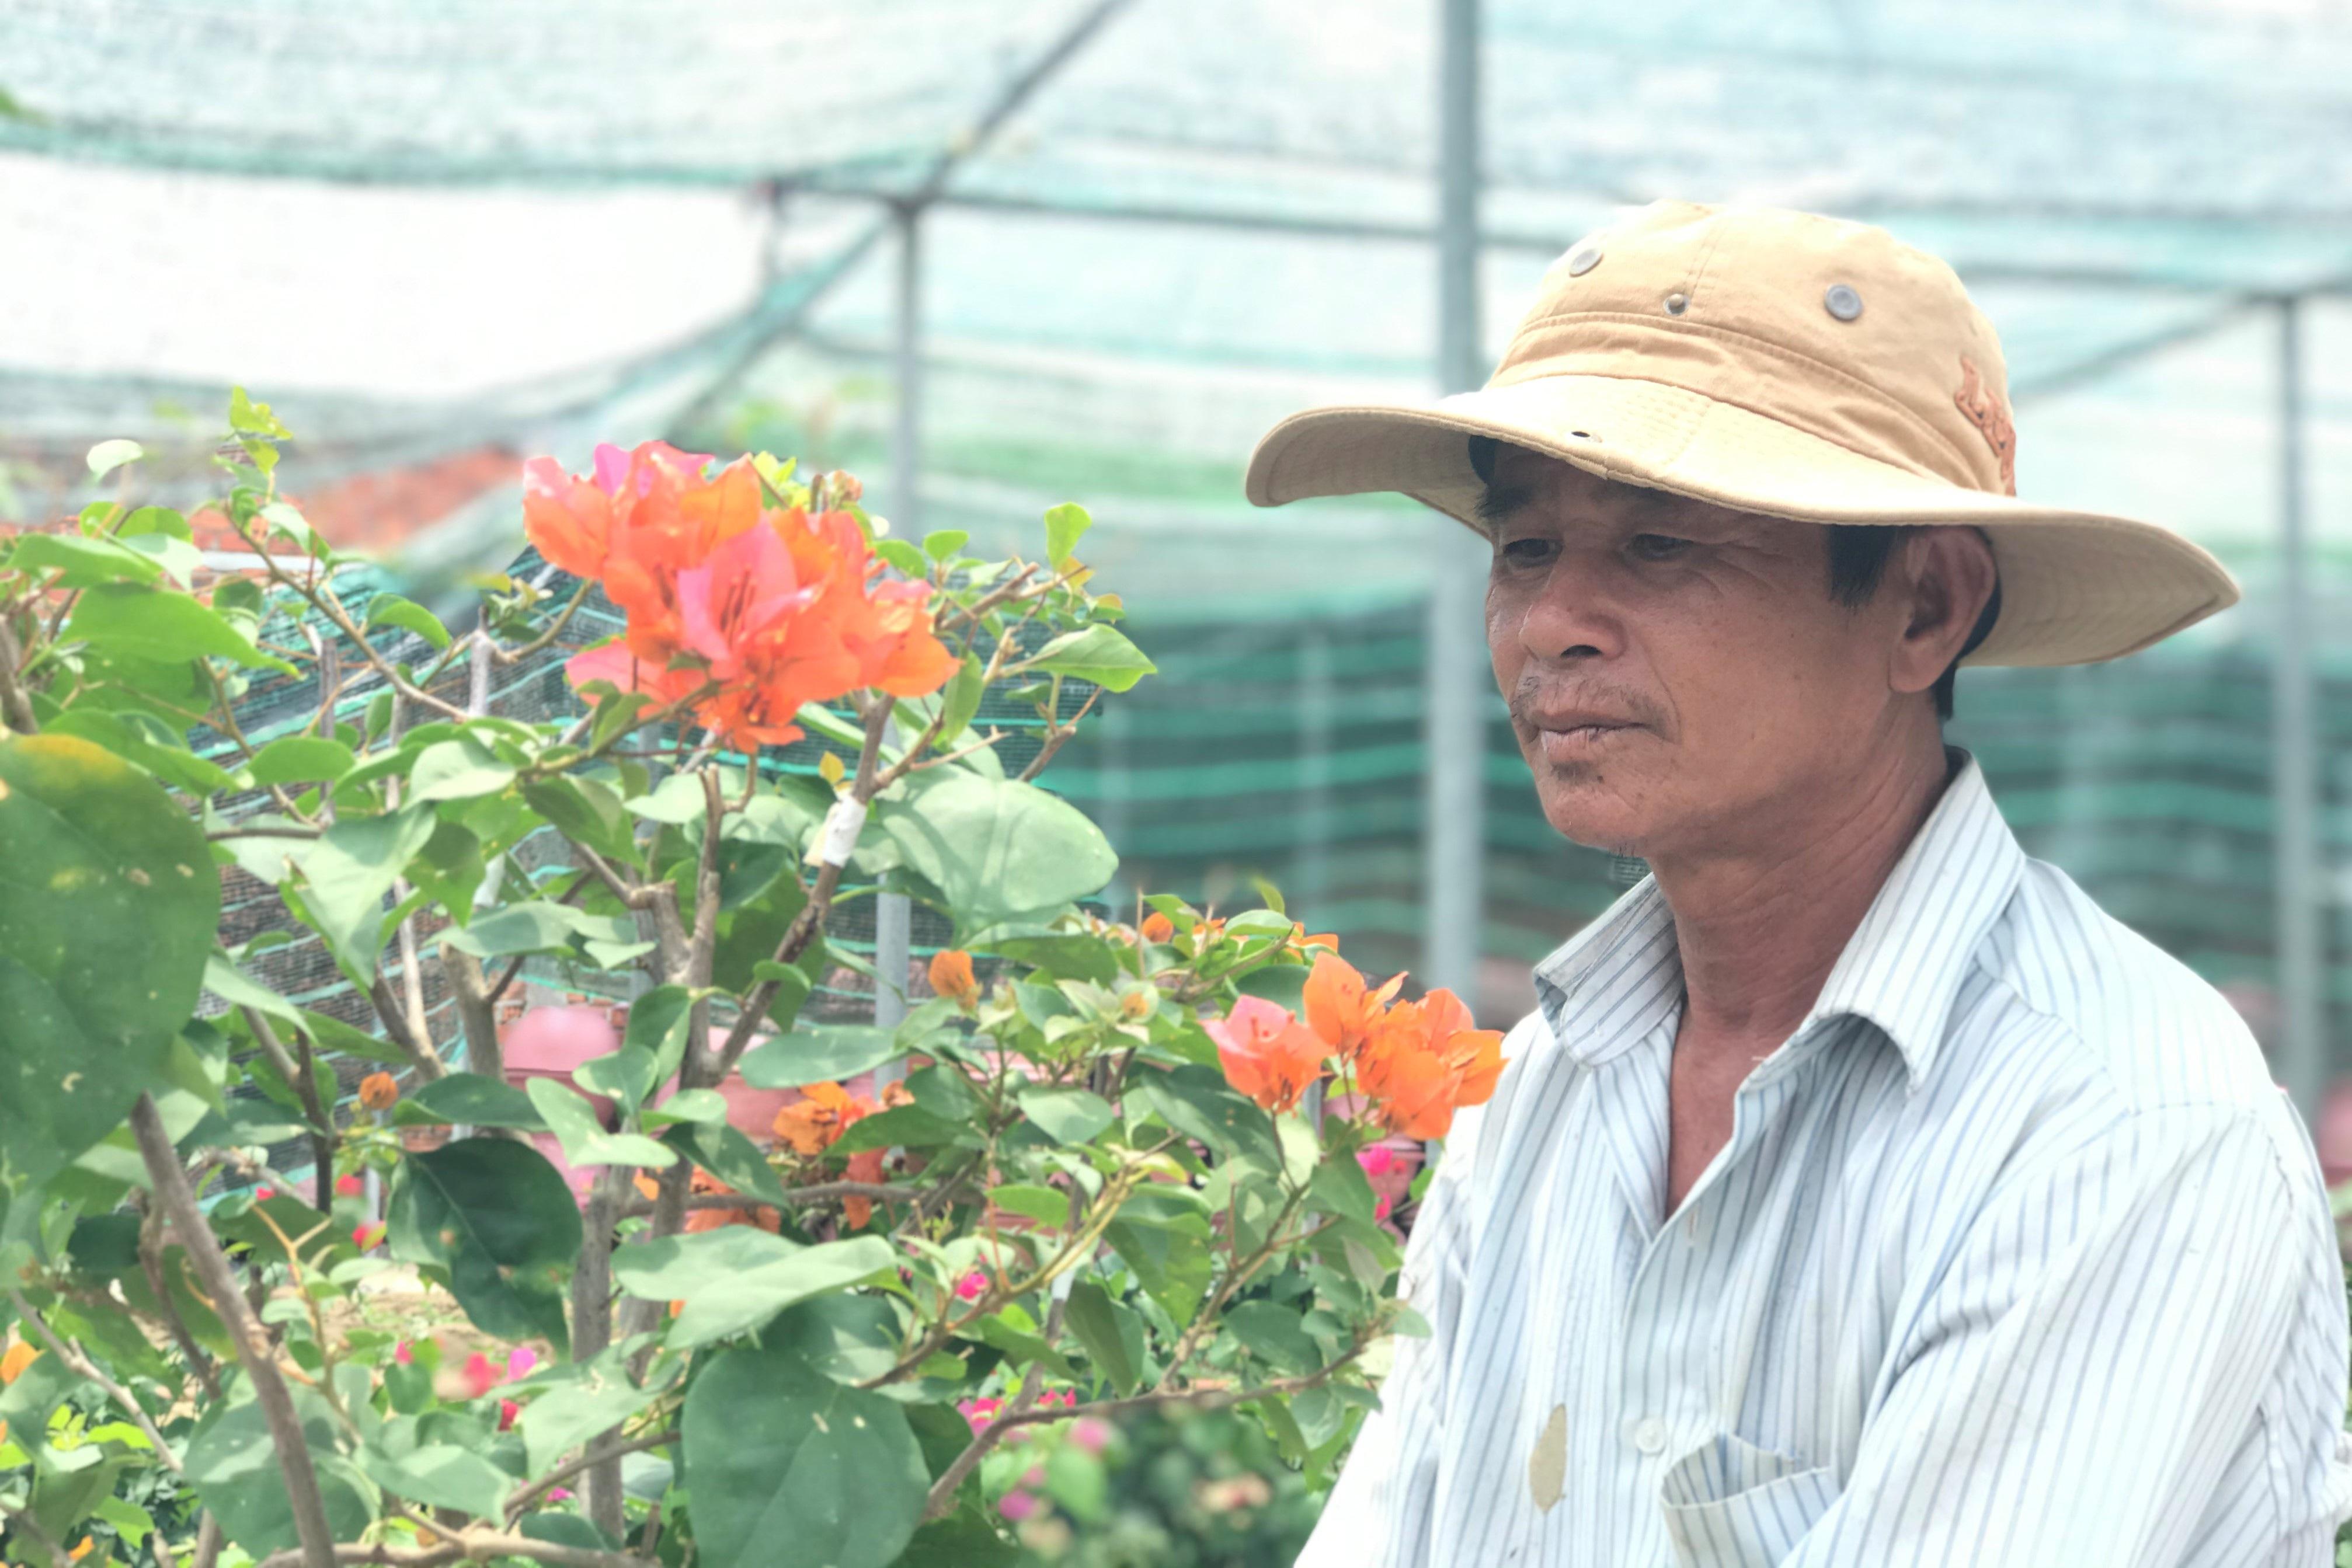 Bỏ phụ hồ về trồng hoa giấy, lão nông thu 500 triệu đồng mỗi năm - Ảnh 1.